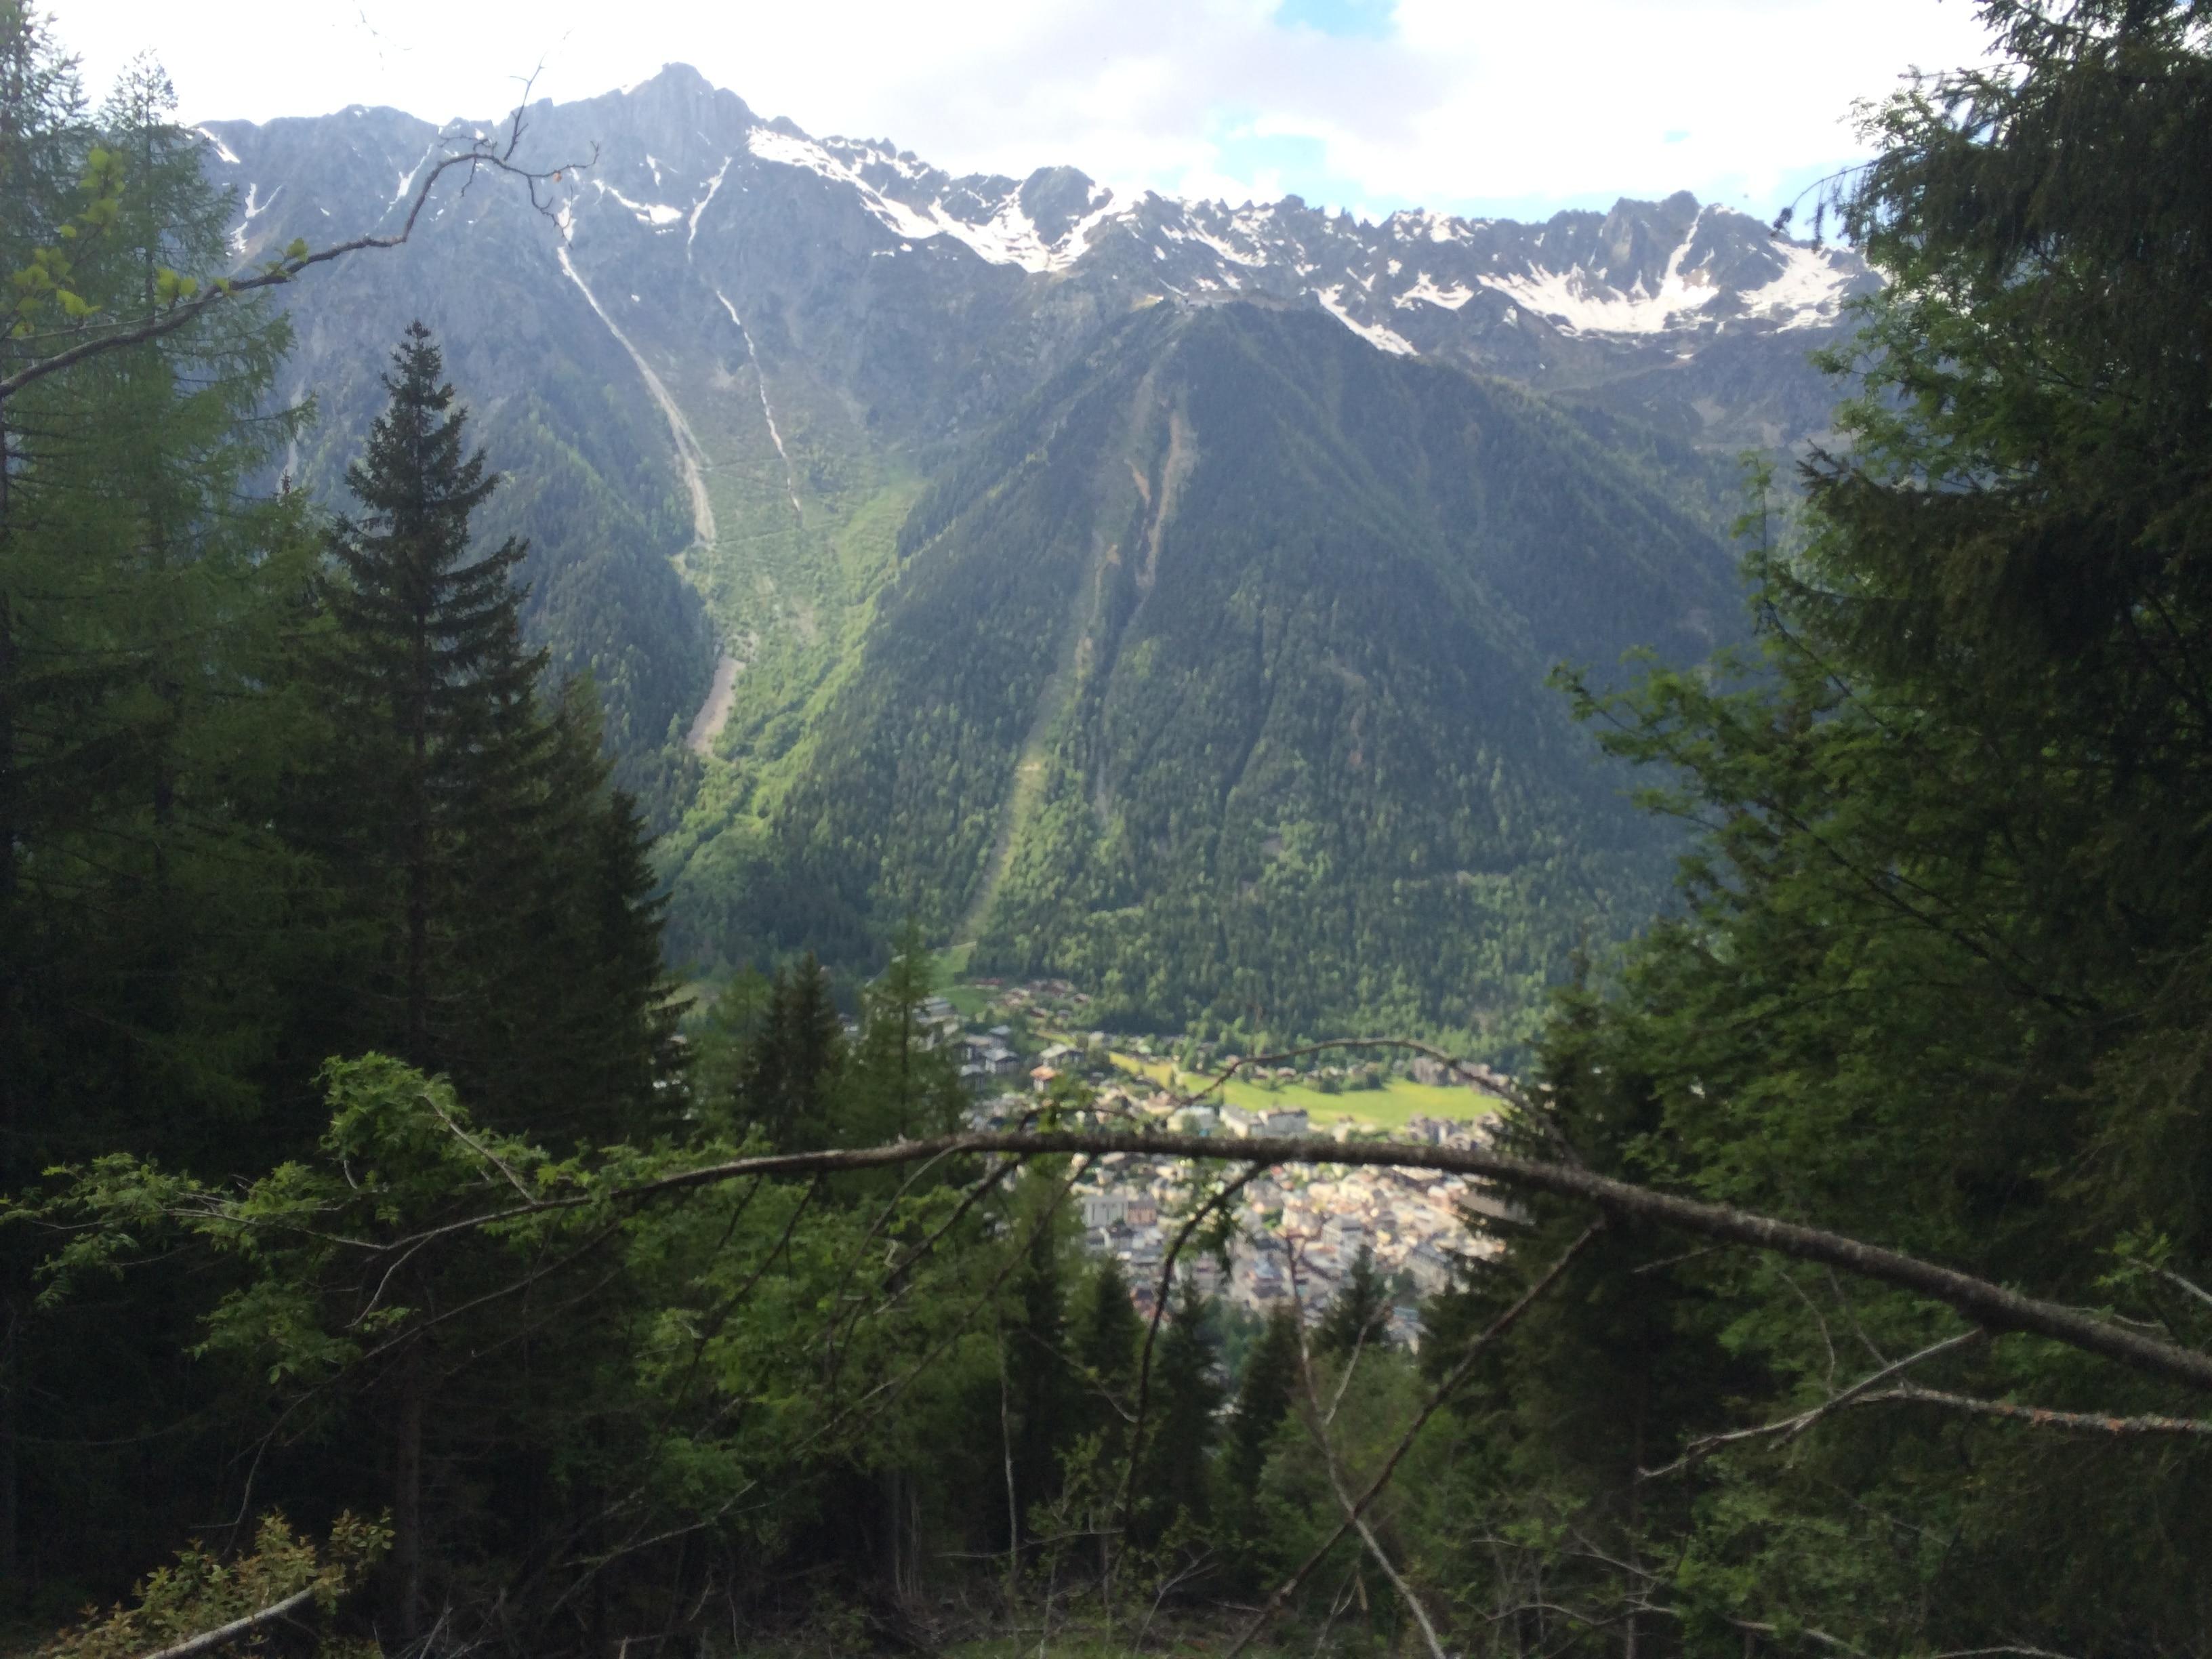 Les Bossons, Chamonix, Haute-Savoie (Département), Frankreich